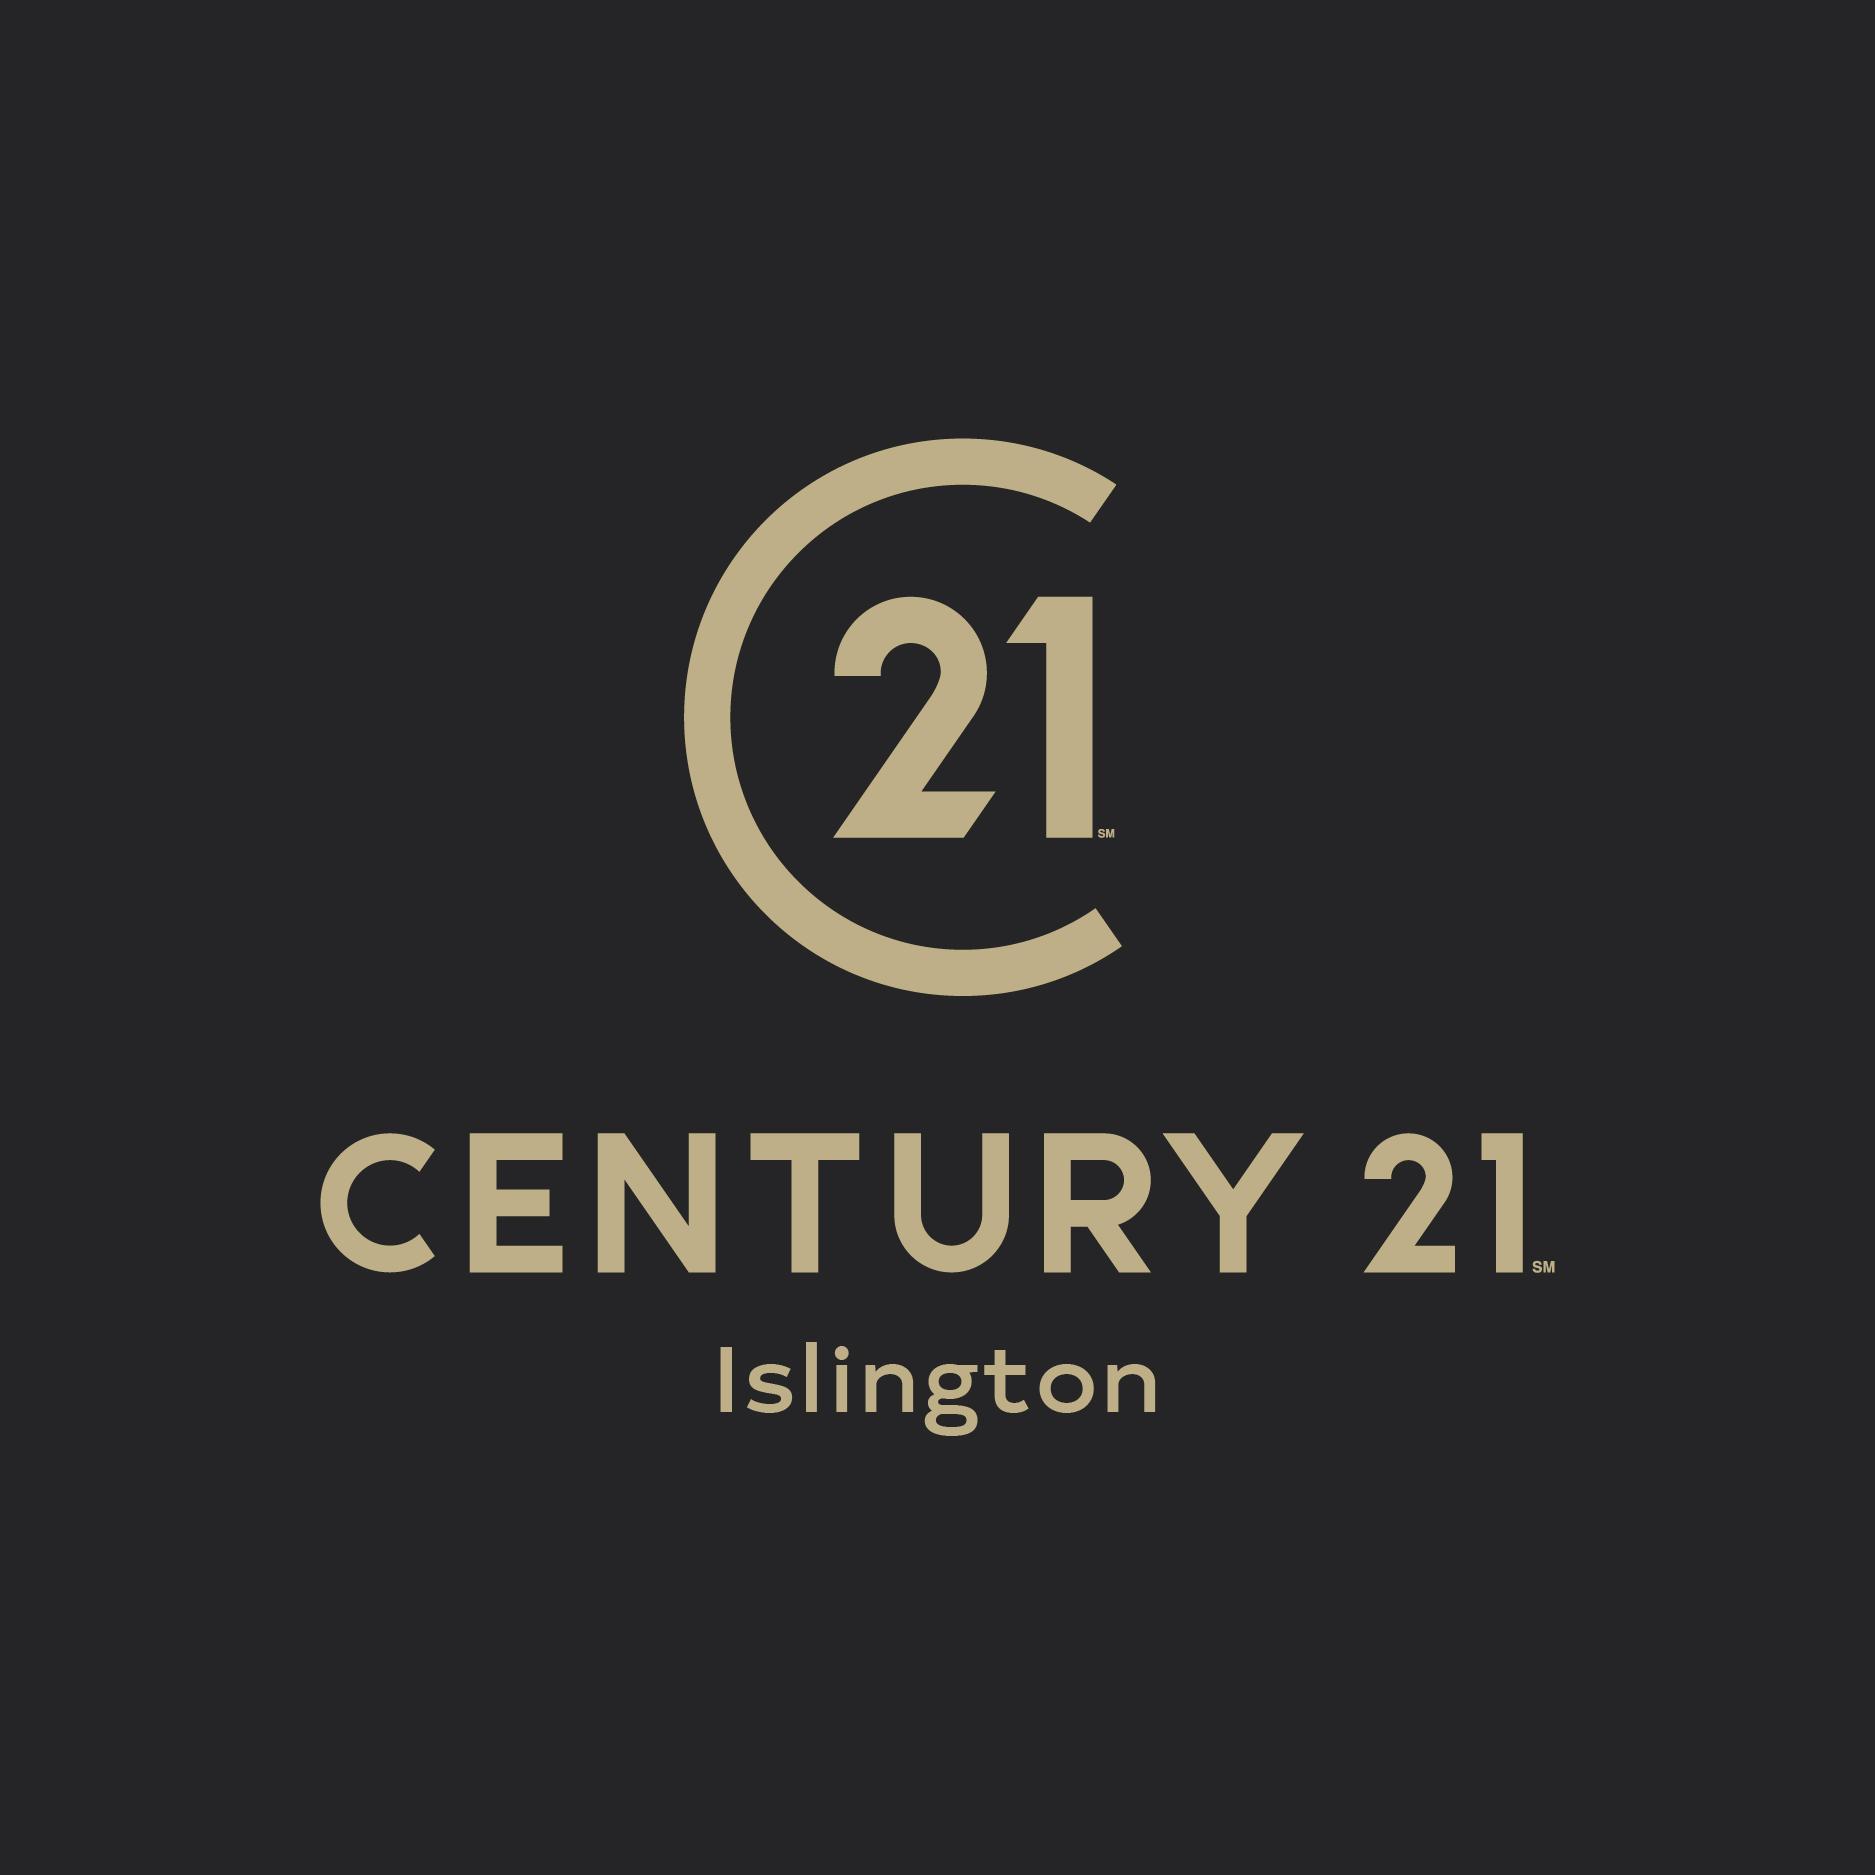 Century 21 - Islington